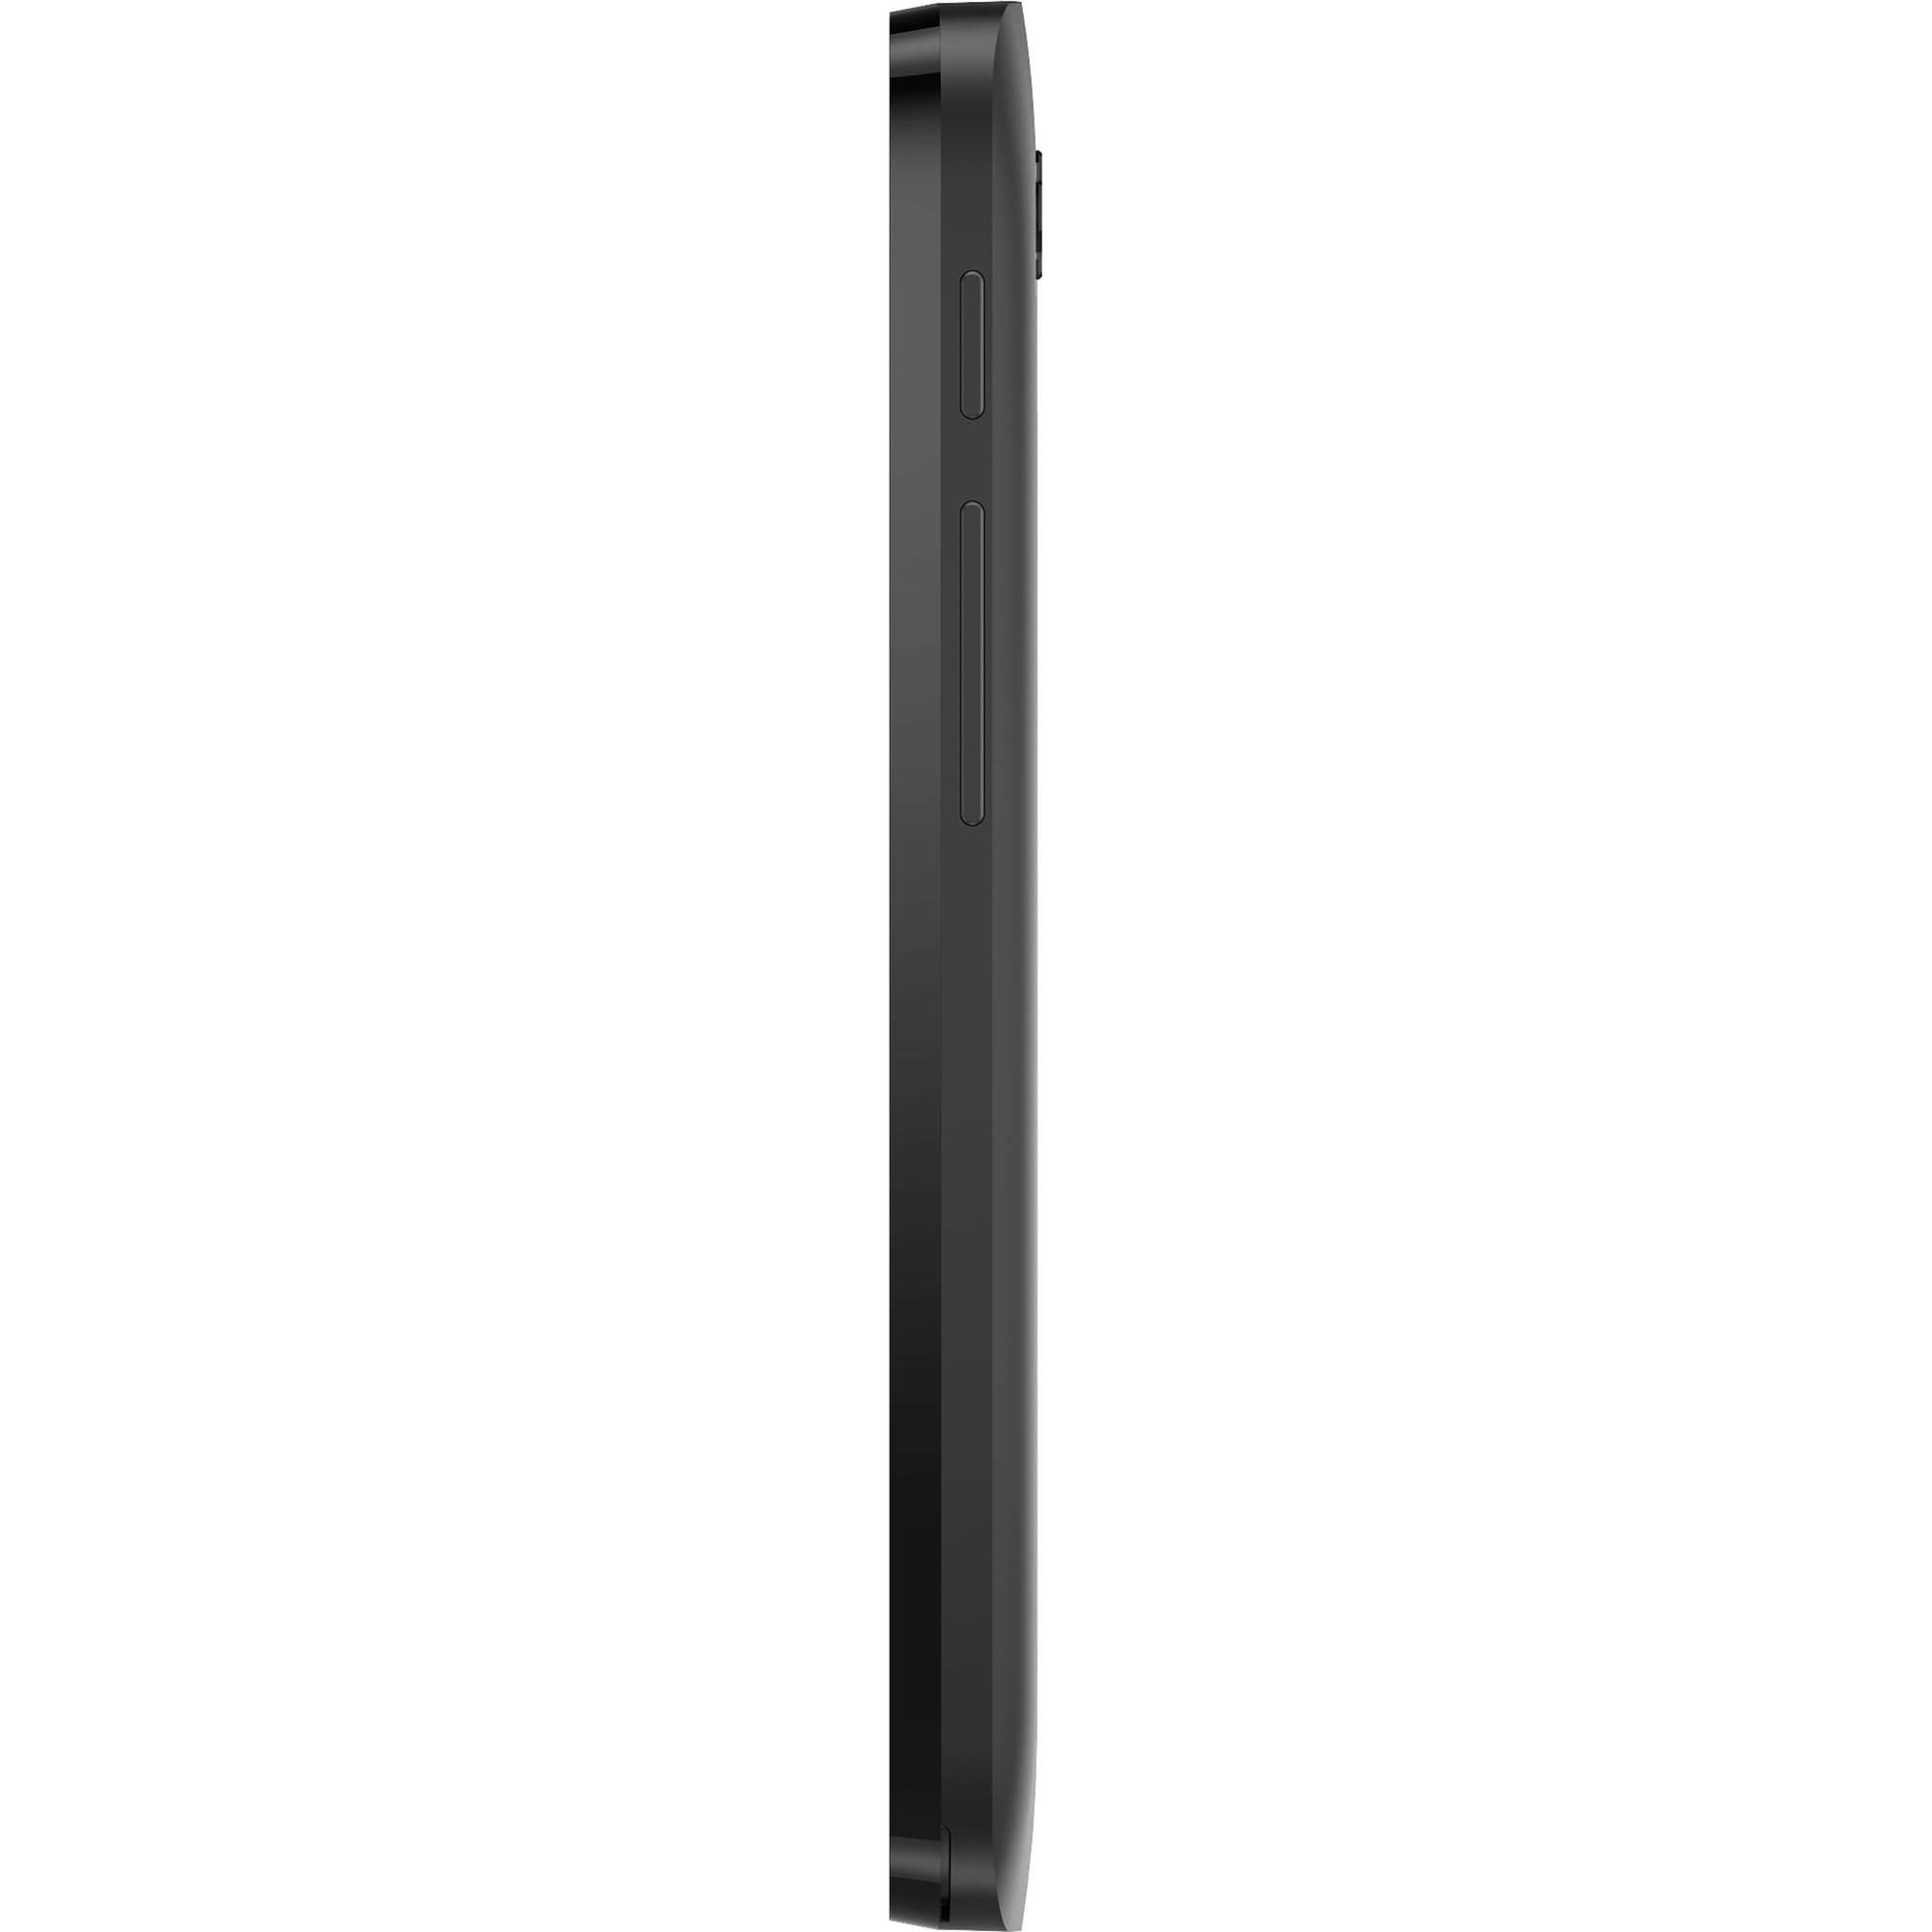 Walmart Family Mobile Alcatel Pixi 4 8GB Prepaid Smartphone